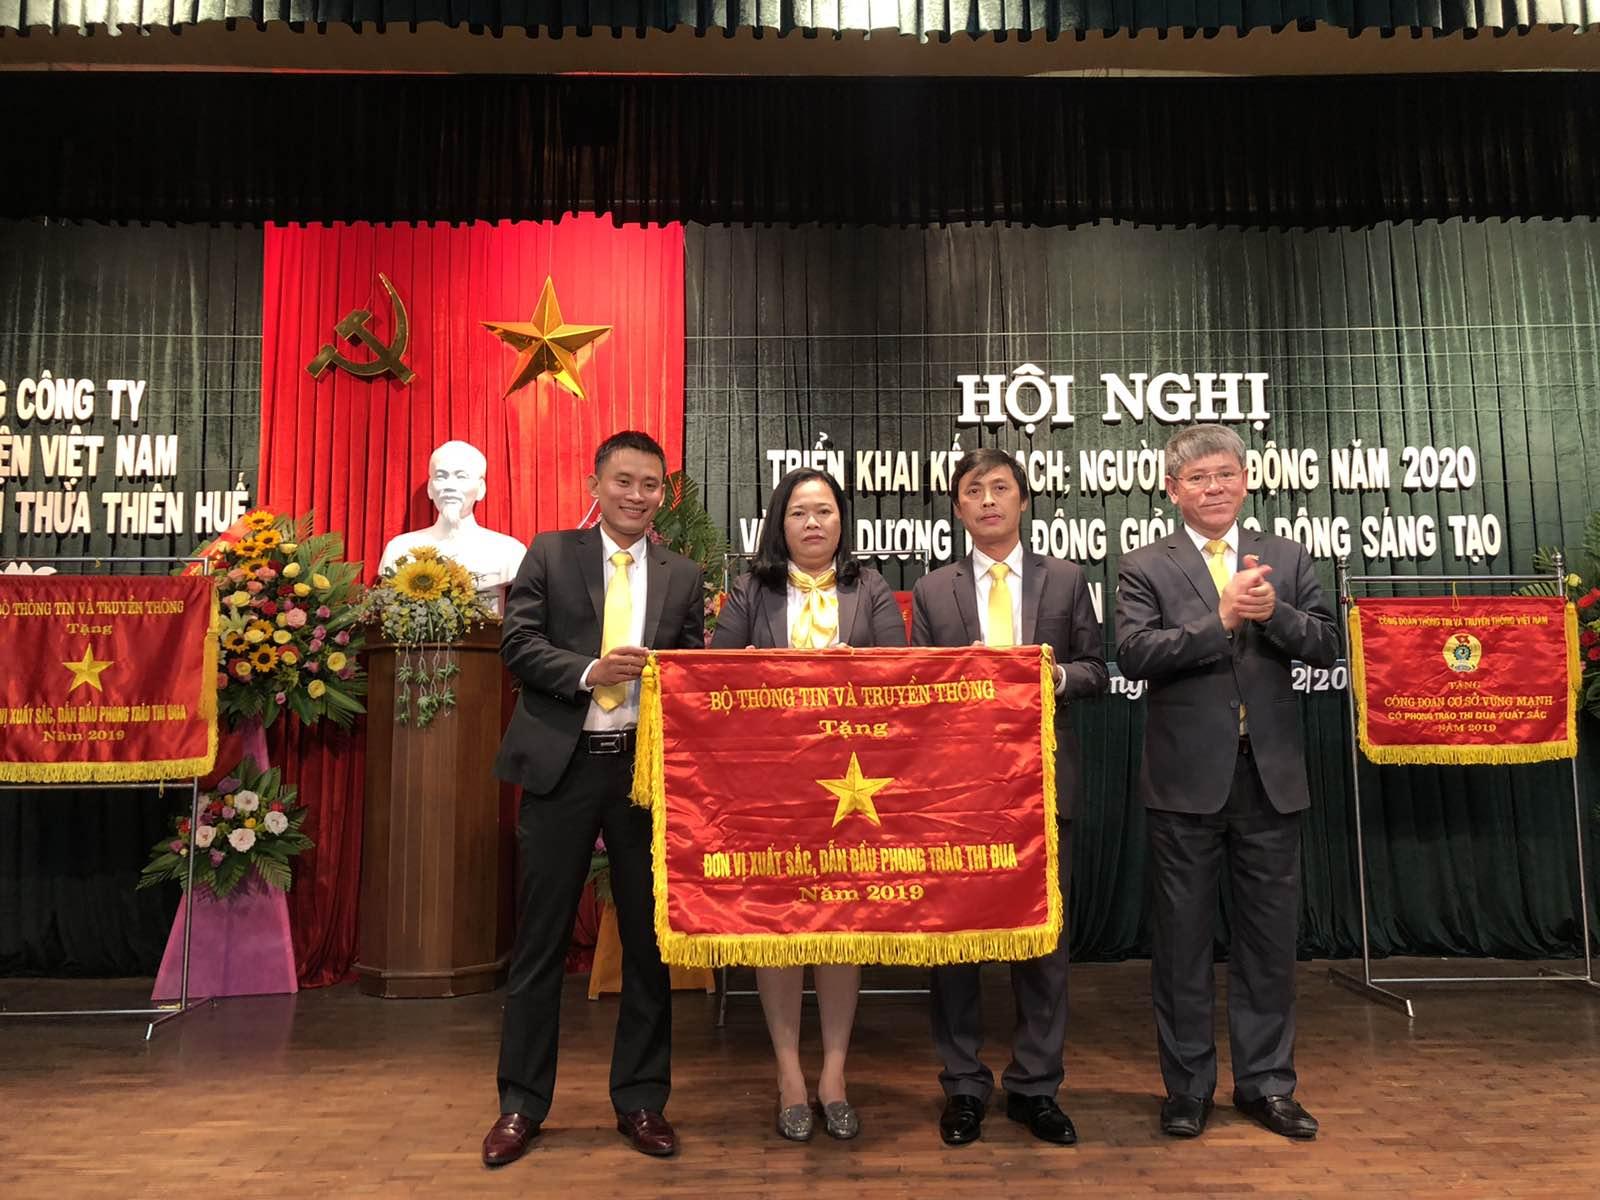 Bưu điện huyện Phong Điền vinh dự đón nhận Cờ thi đua của Bộ Thông tin và Truyền thông về thành tích xuất sắc, dẫn đầu phong trào thi đua năm 2019